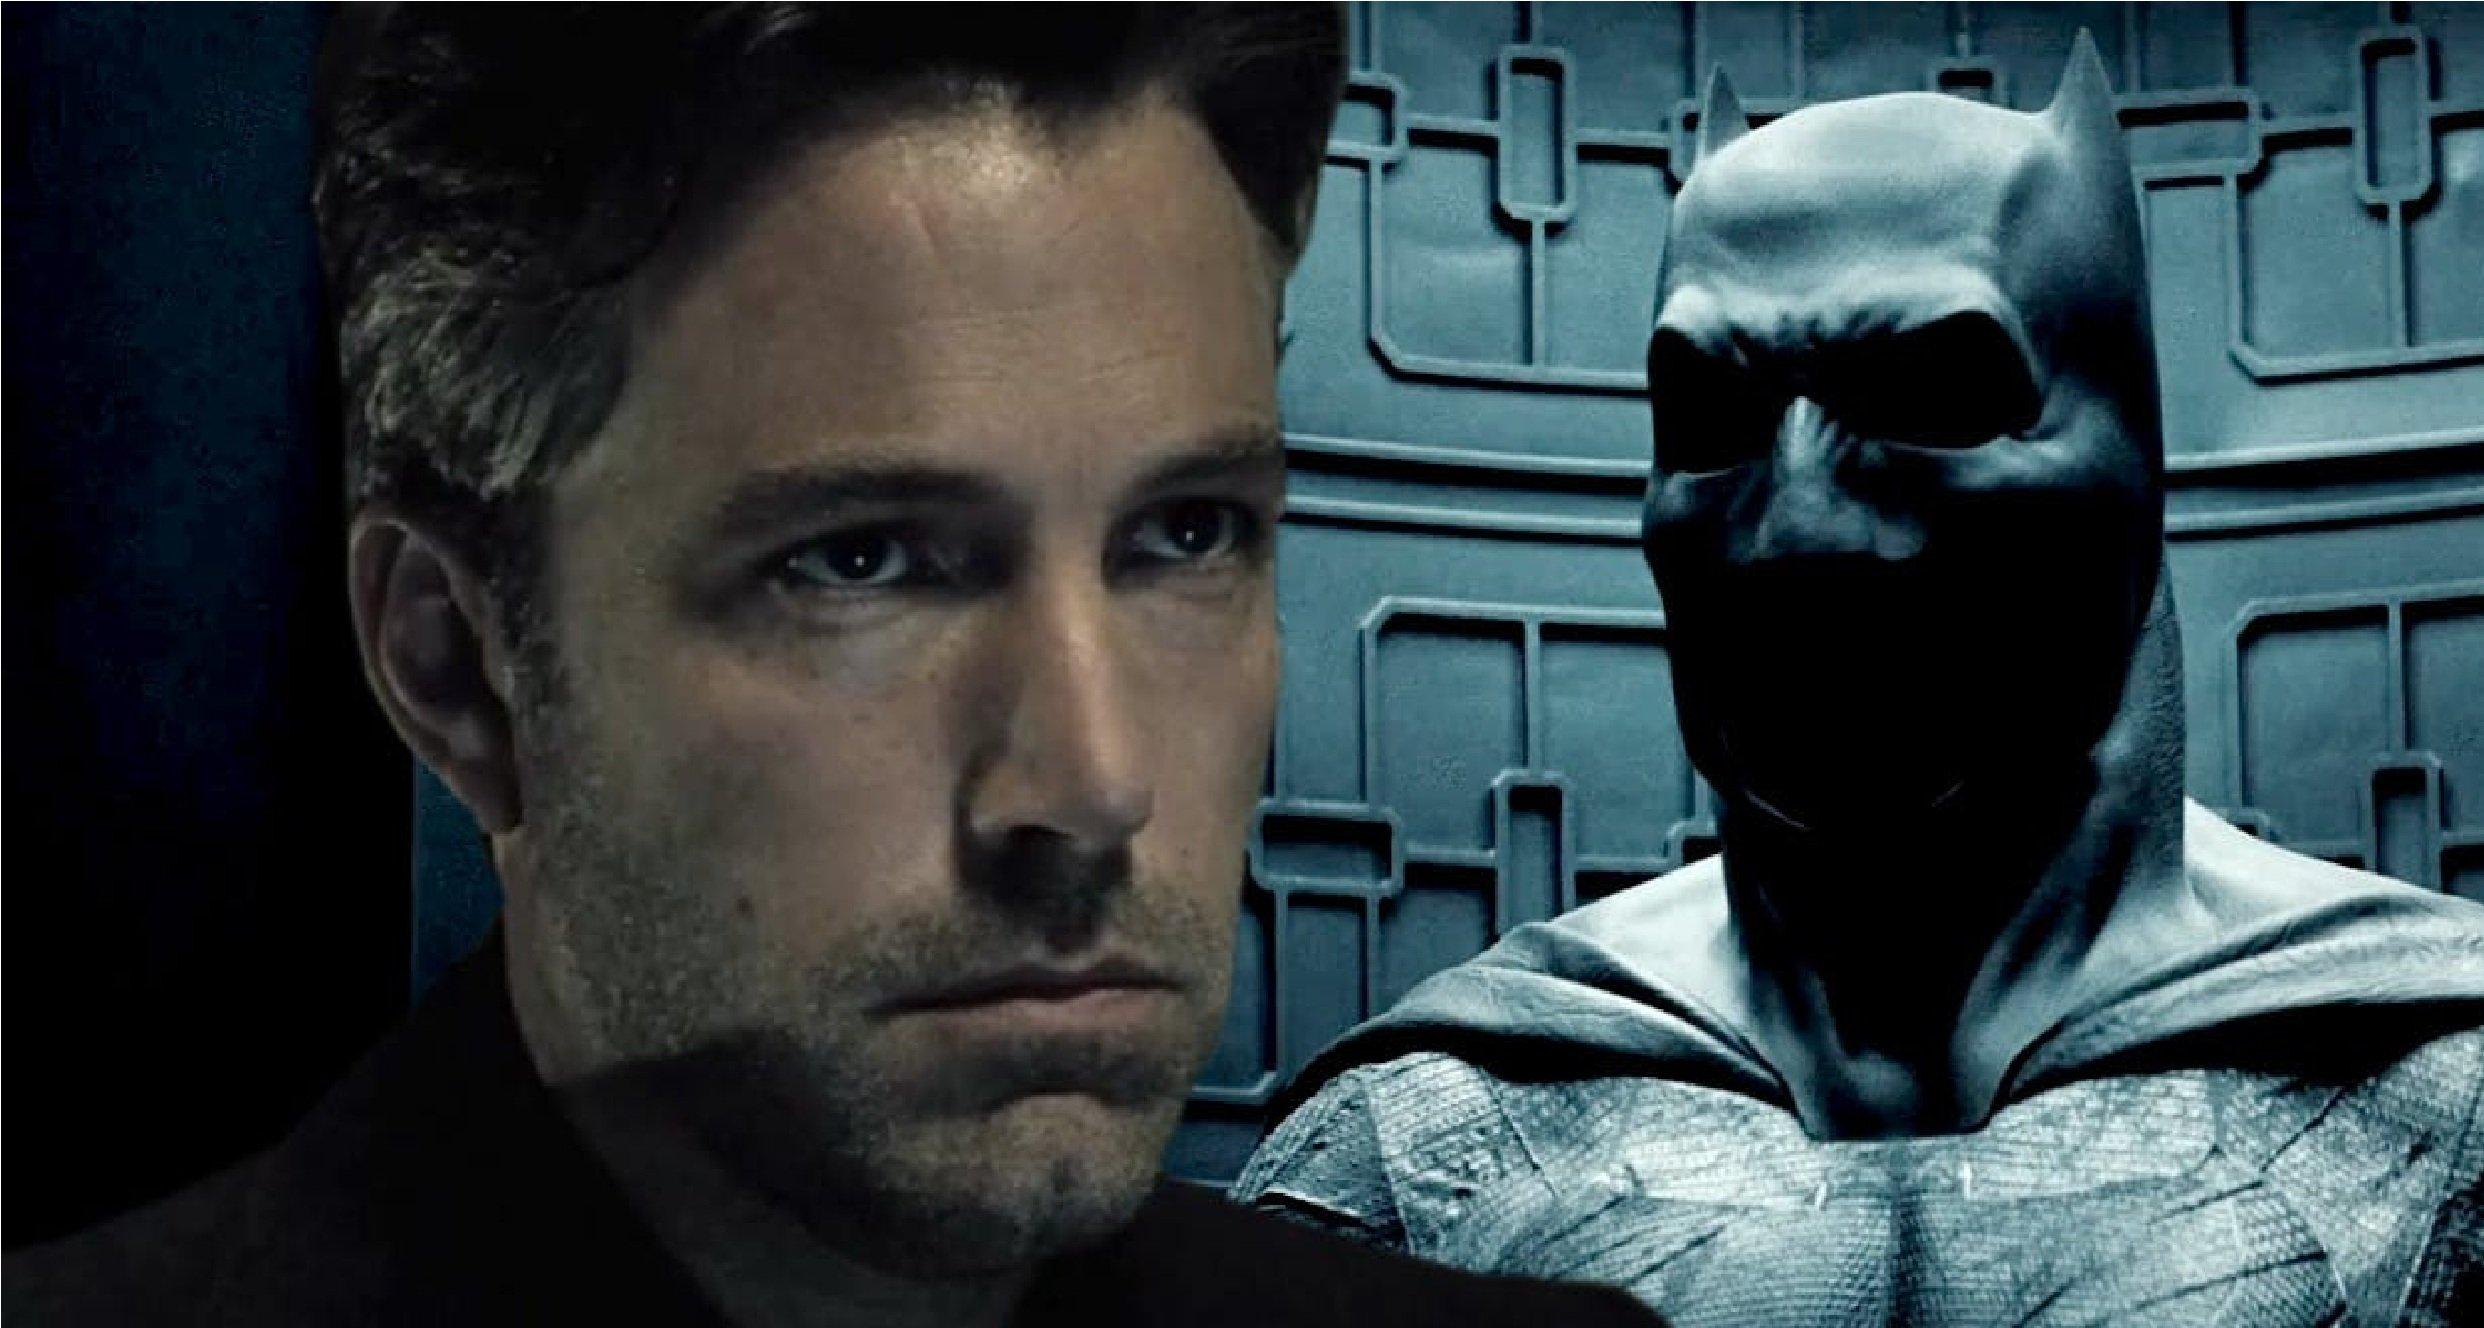 бэтмен режиссёр бен аффлек заявил о желании снять фильм о Dc